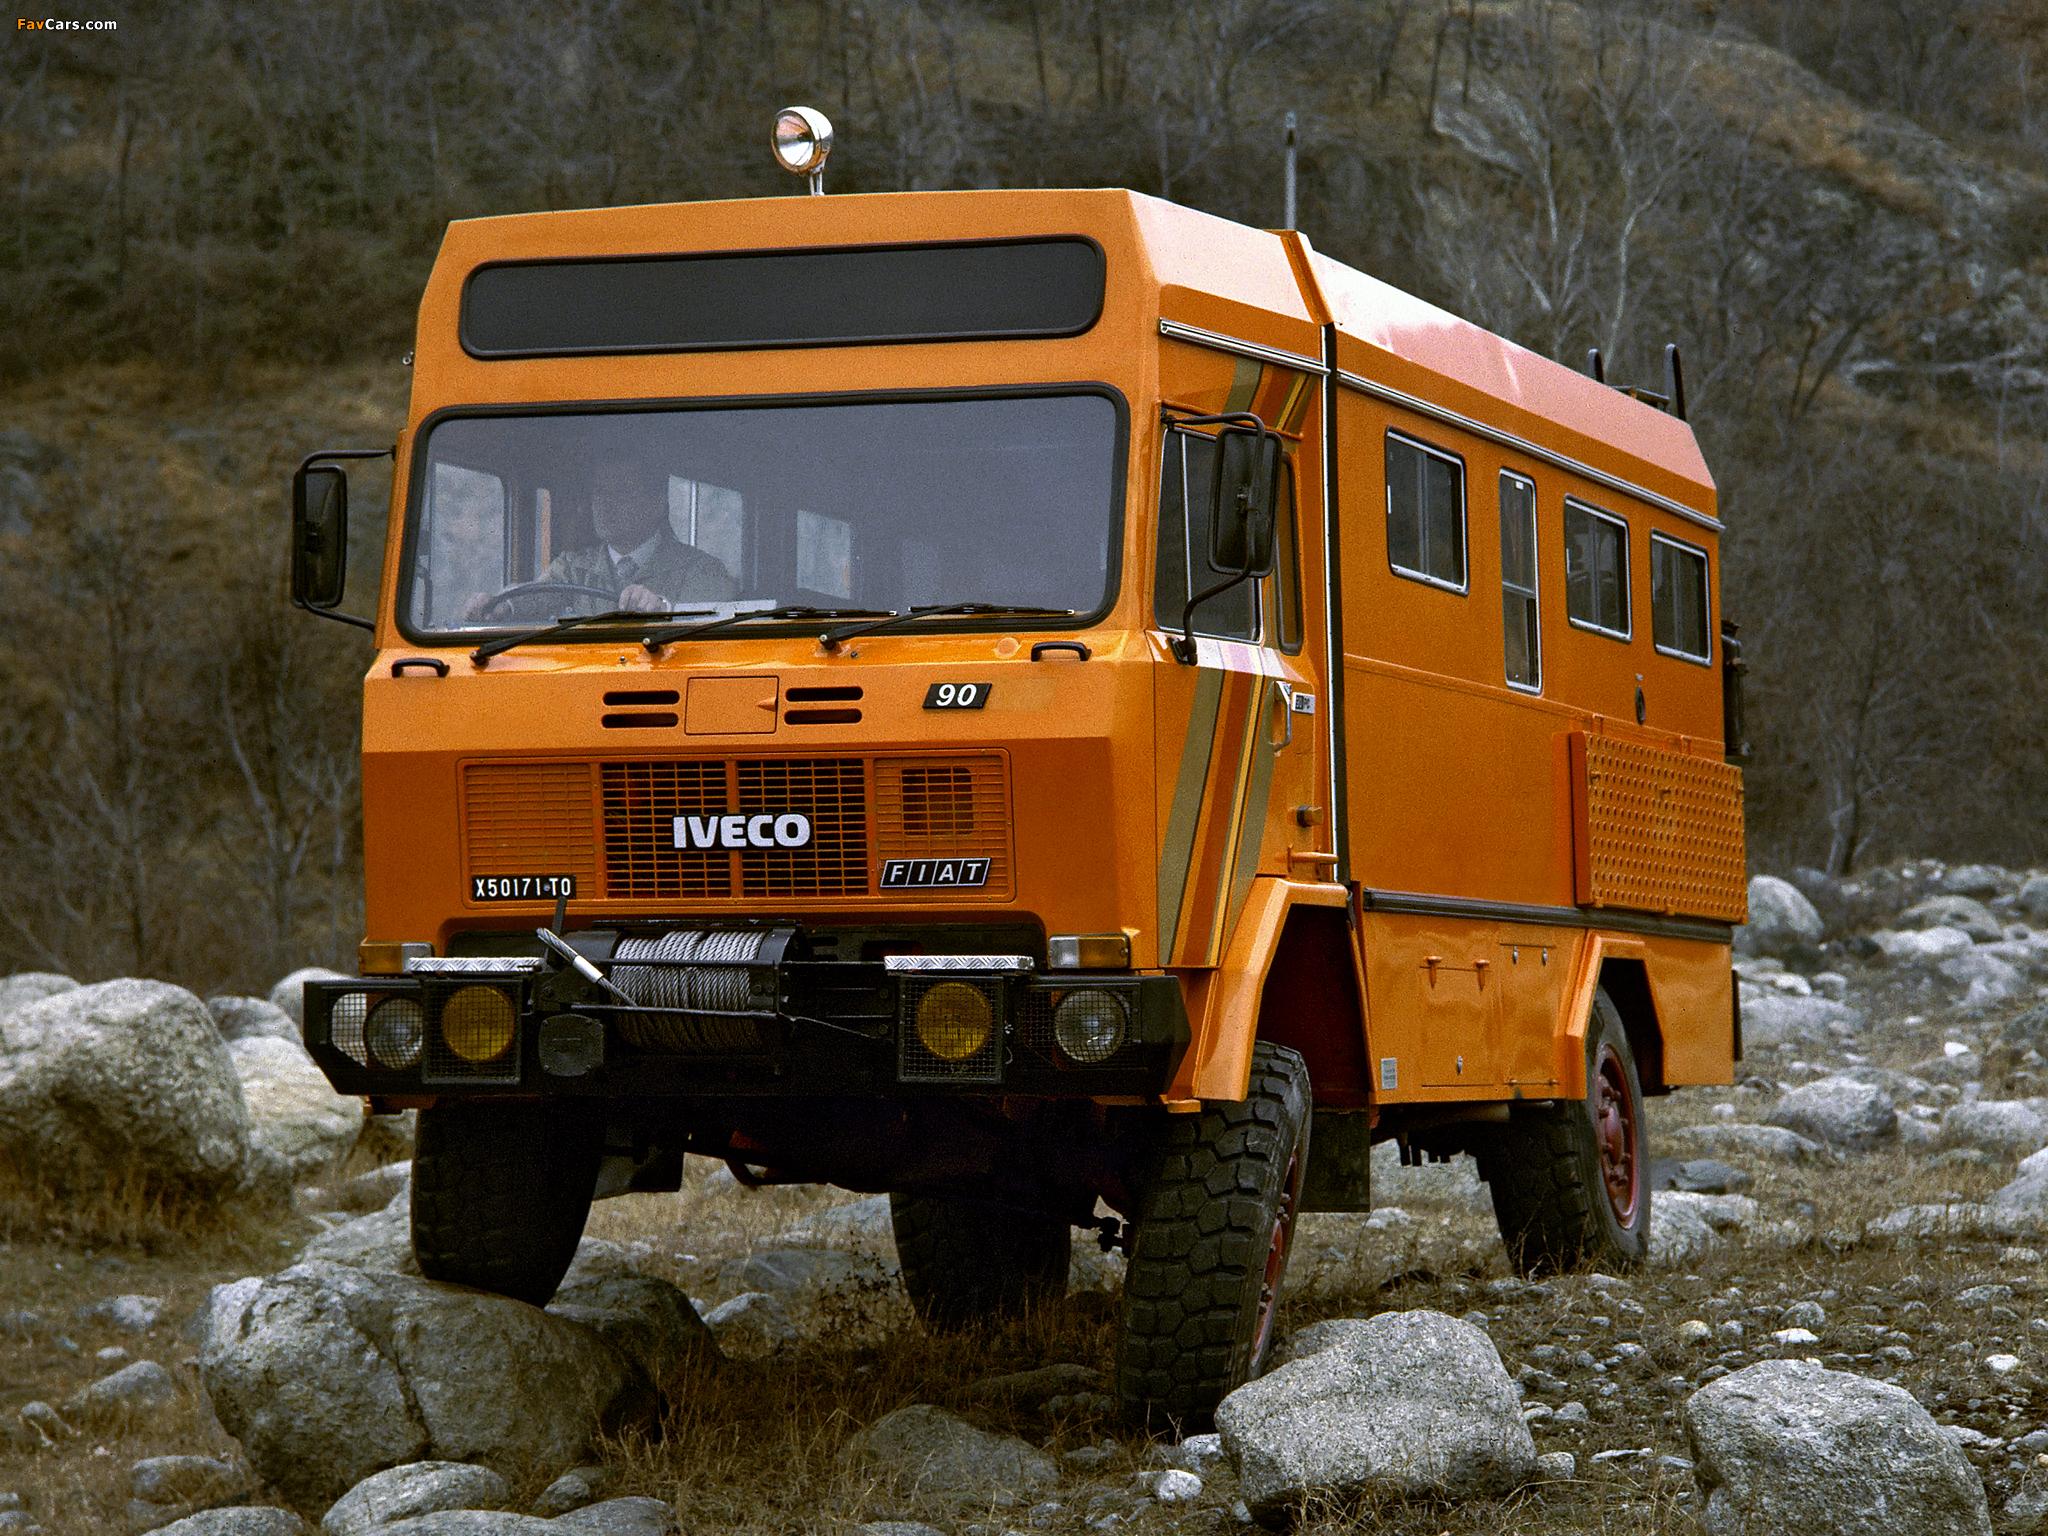 1024x768 Car Wallpapers Iveco Fiat 90 Pc 4x4 Esperia 1979 83 Wallpapers 2048x1536